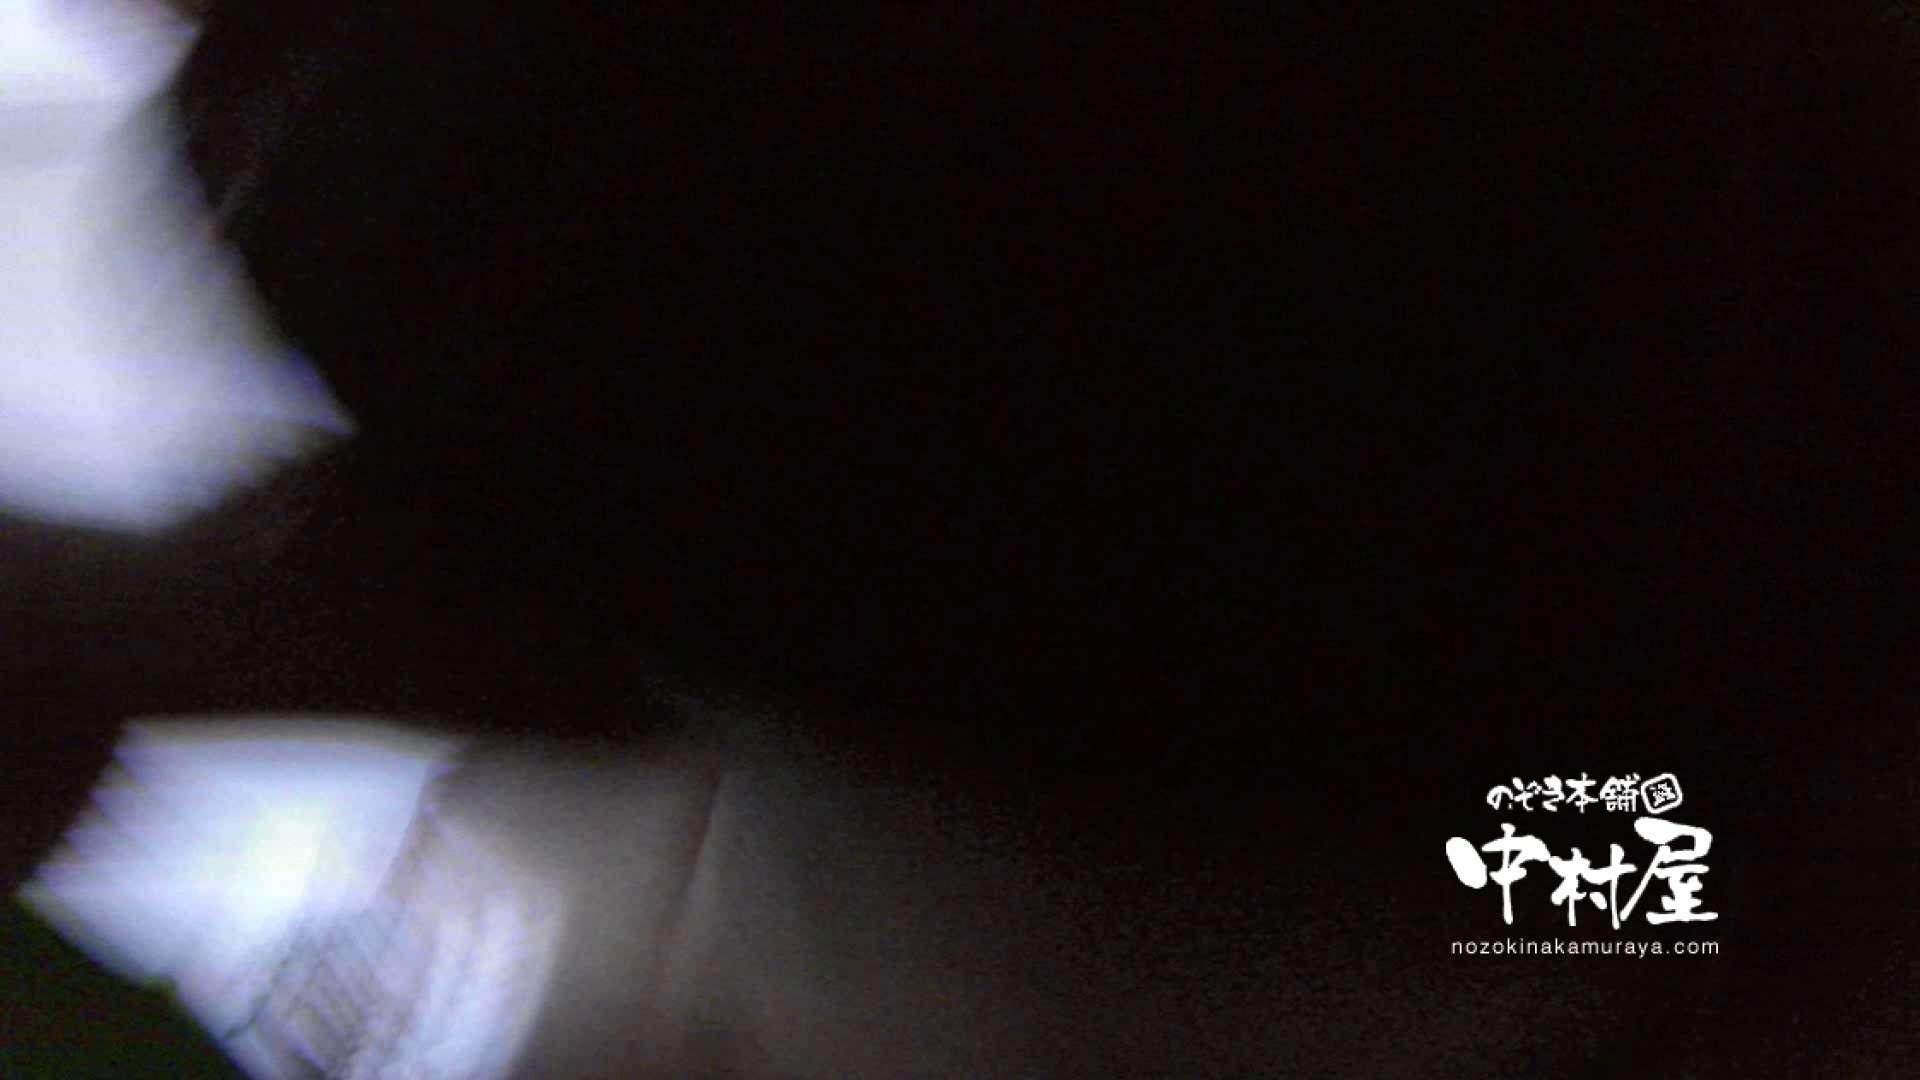 鬼畜 vol.12 剥ぎ取ったら色白でゴウモウだった 後編 鬼畜 | HなOL  74pic 58